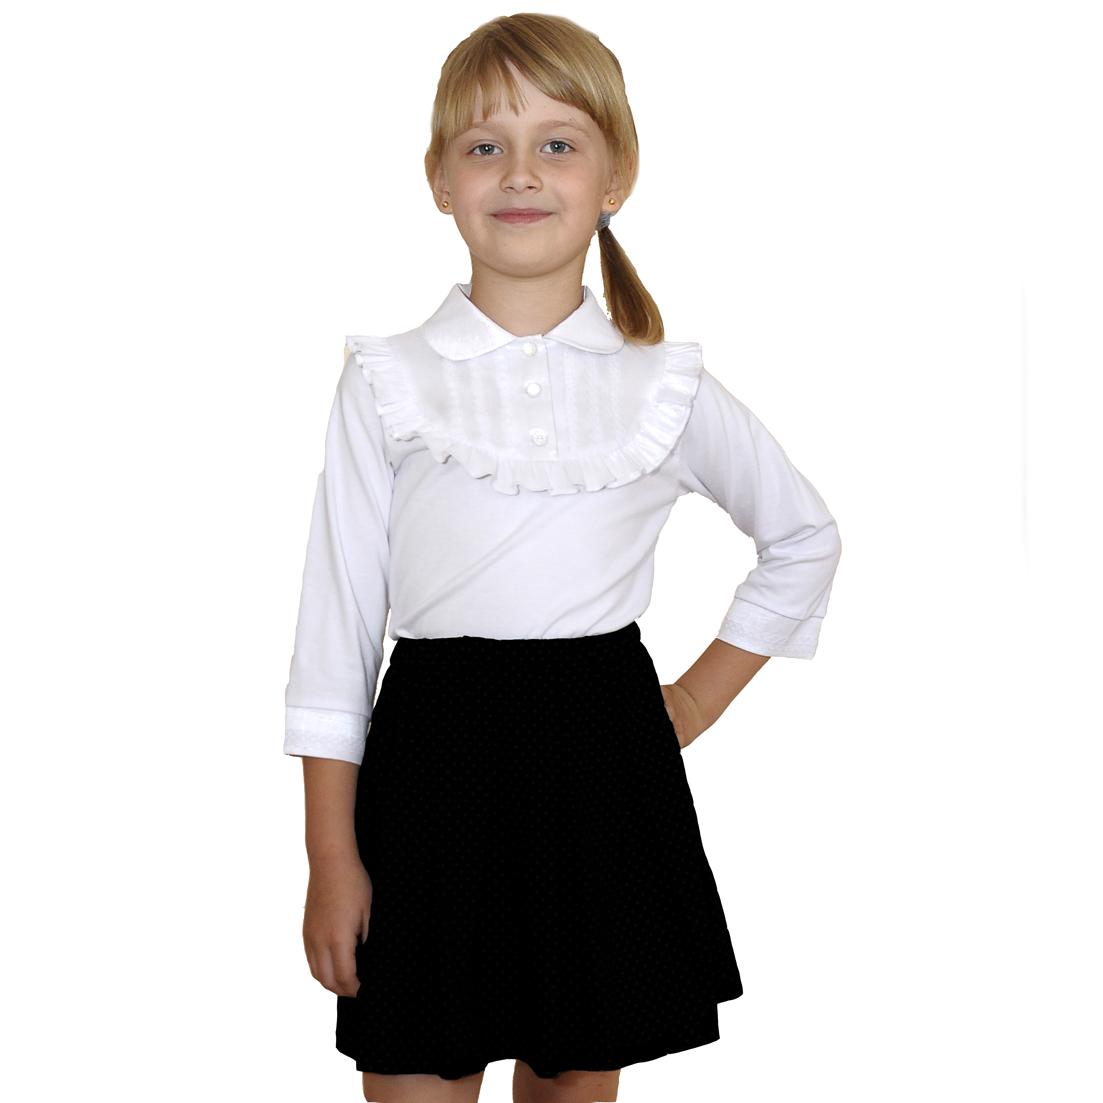 Белые Блузки Для Школы В Санкт Петербурге